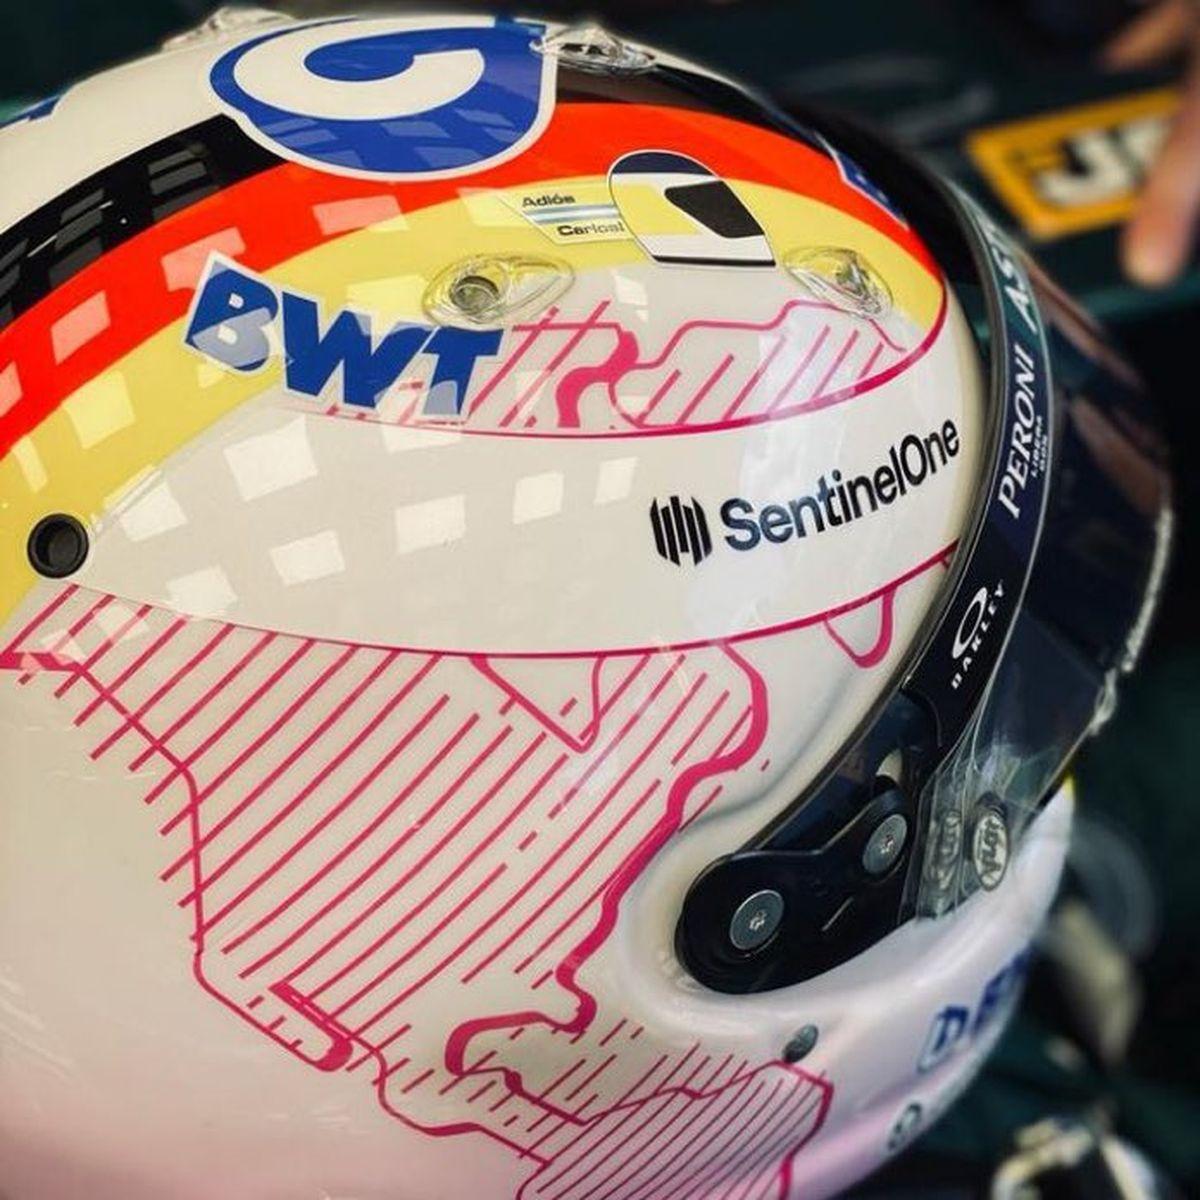 Adiós Carlos, expresó Sebastián Vettel desde su casco en tributo a Carlos Reutemann.